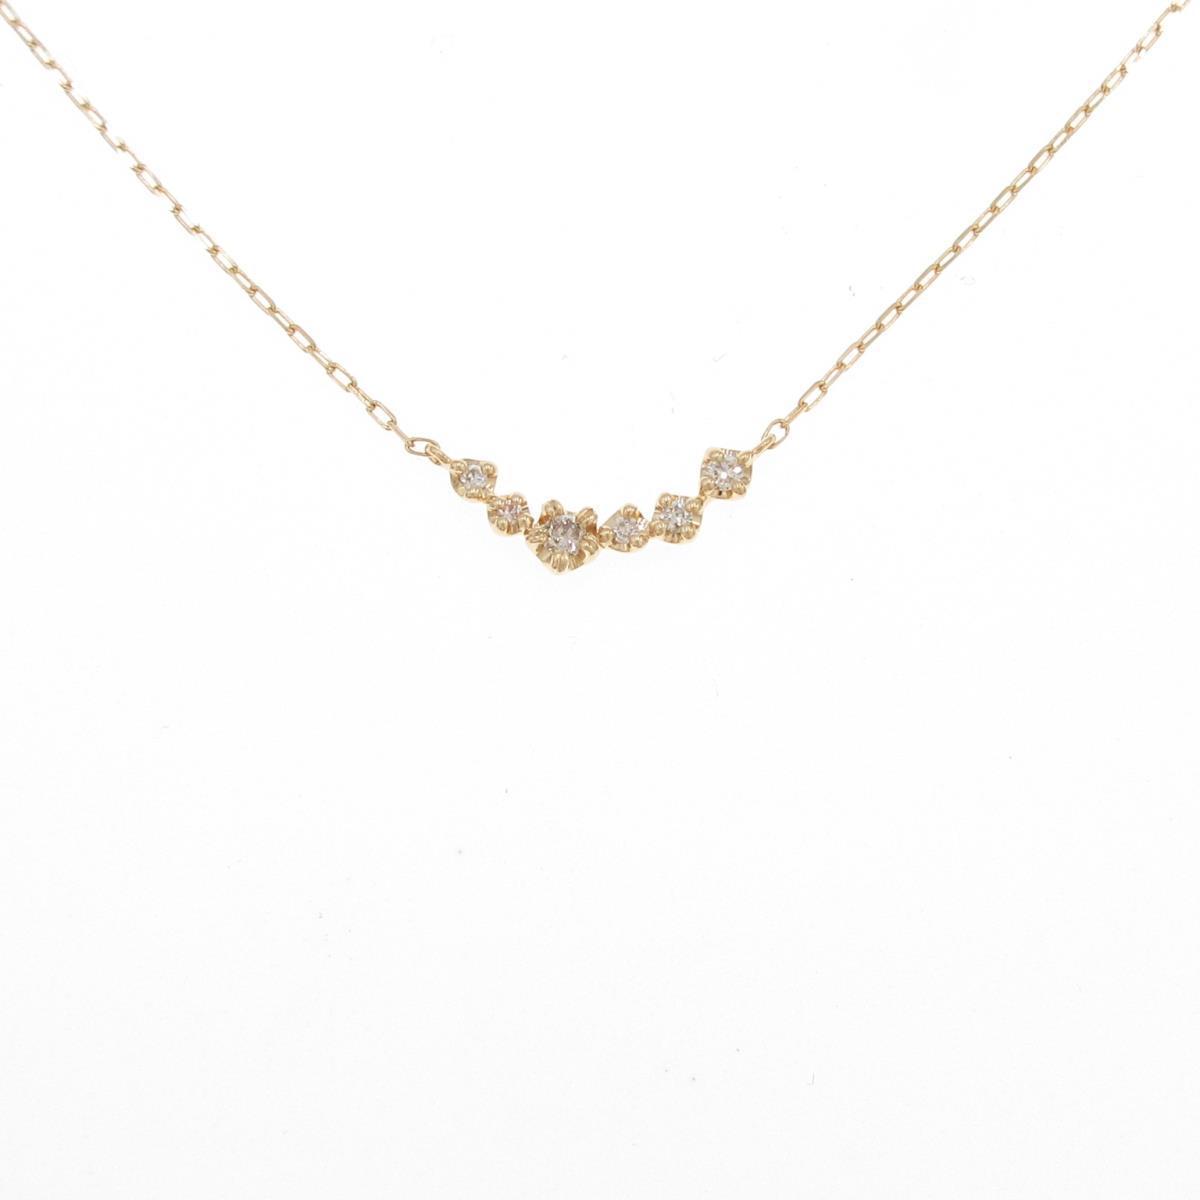 4゜C 価格 ◆セール特価品◆ ダイヤモンドネックレス 中古